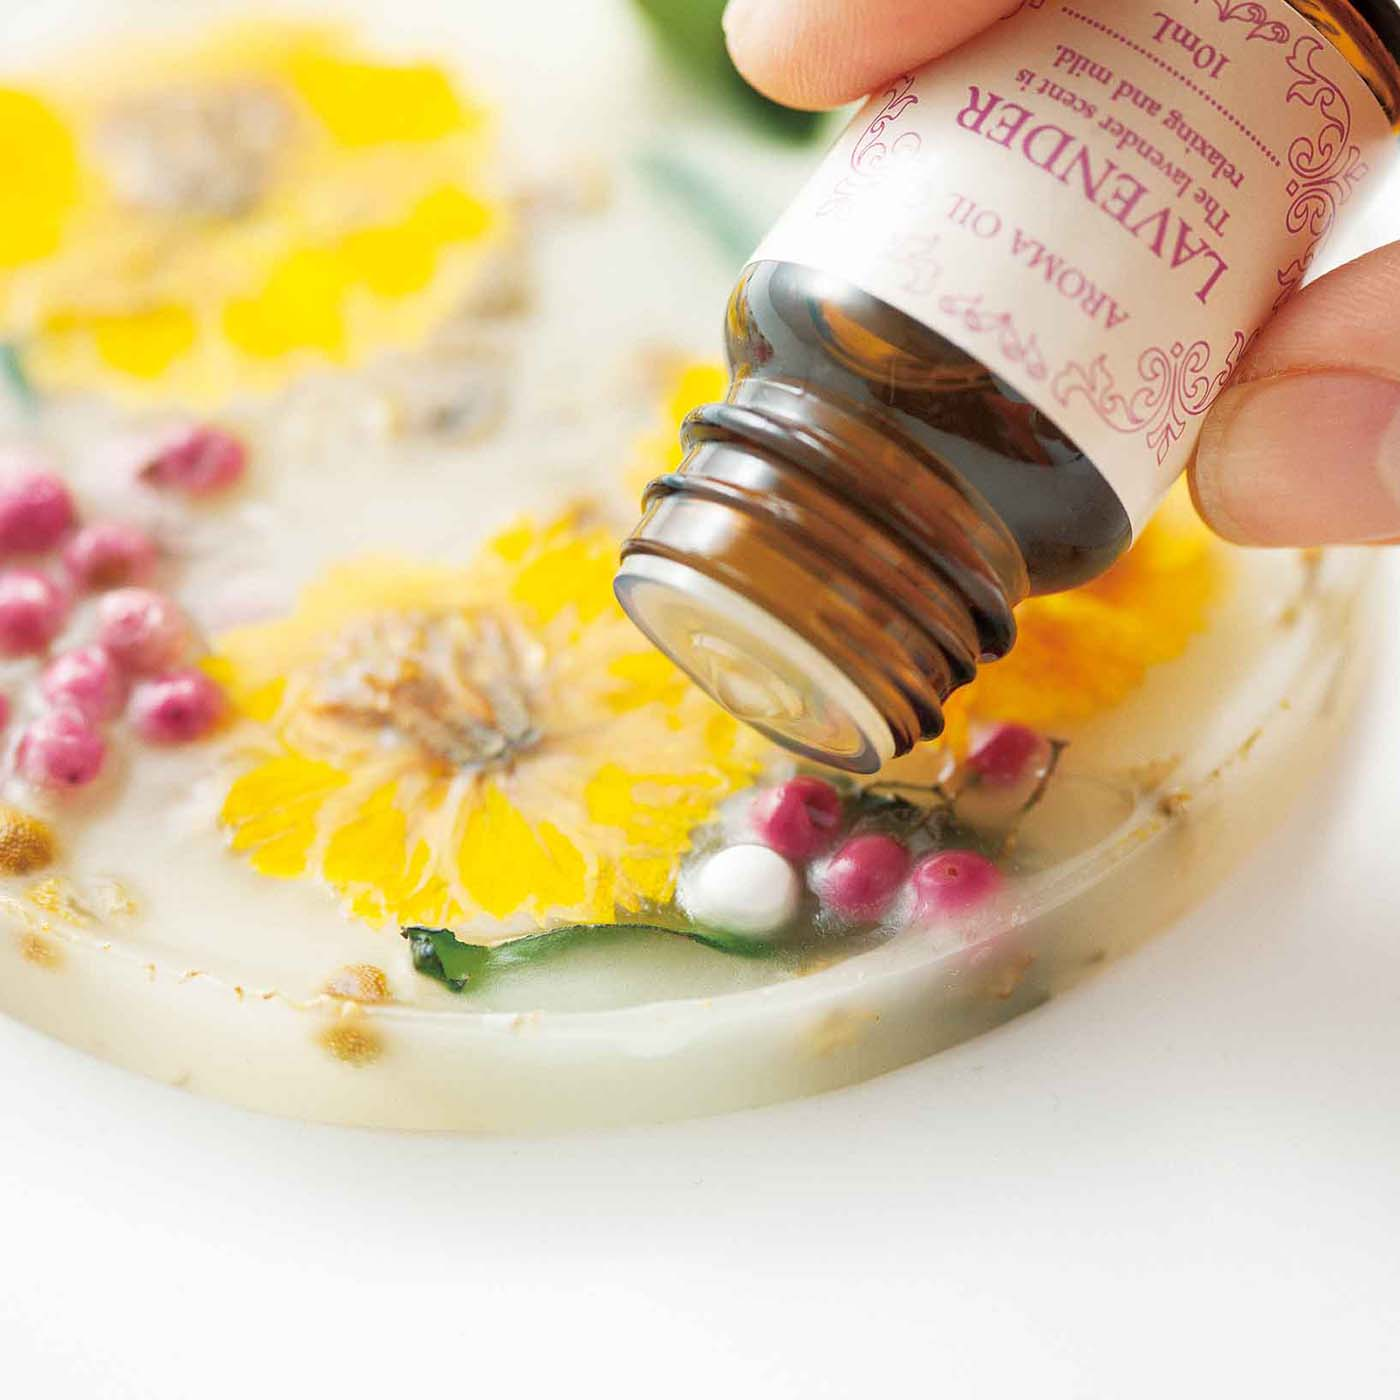 香りが弱くなったらアロマスポットにお手持ちのアロマオイルを足して復活!